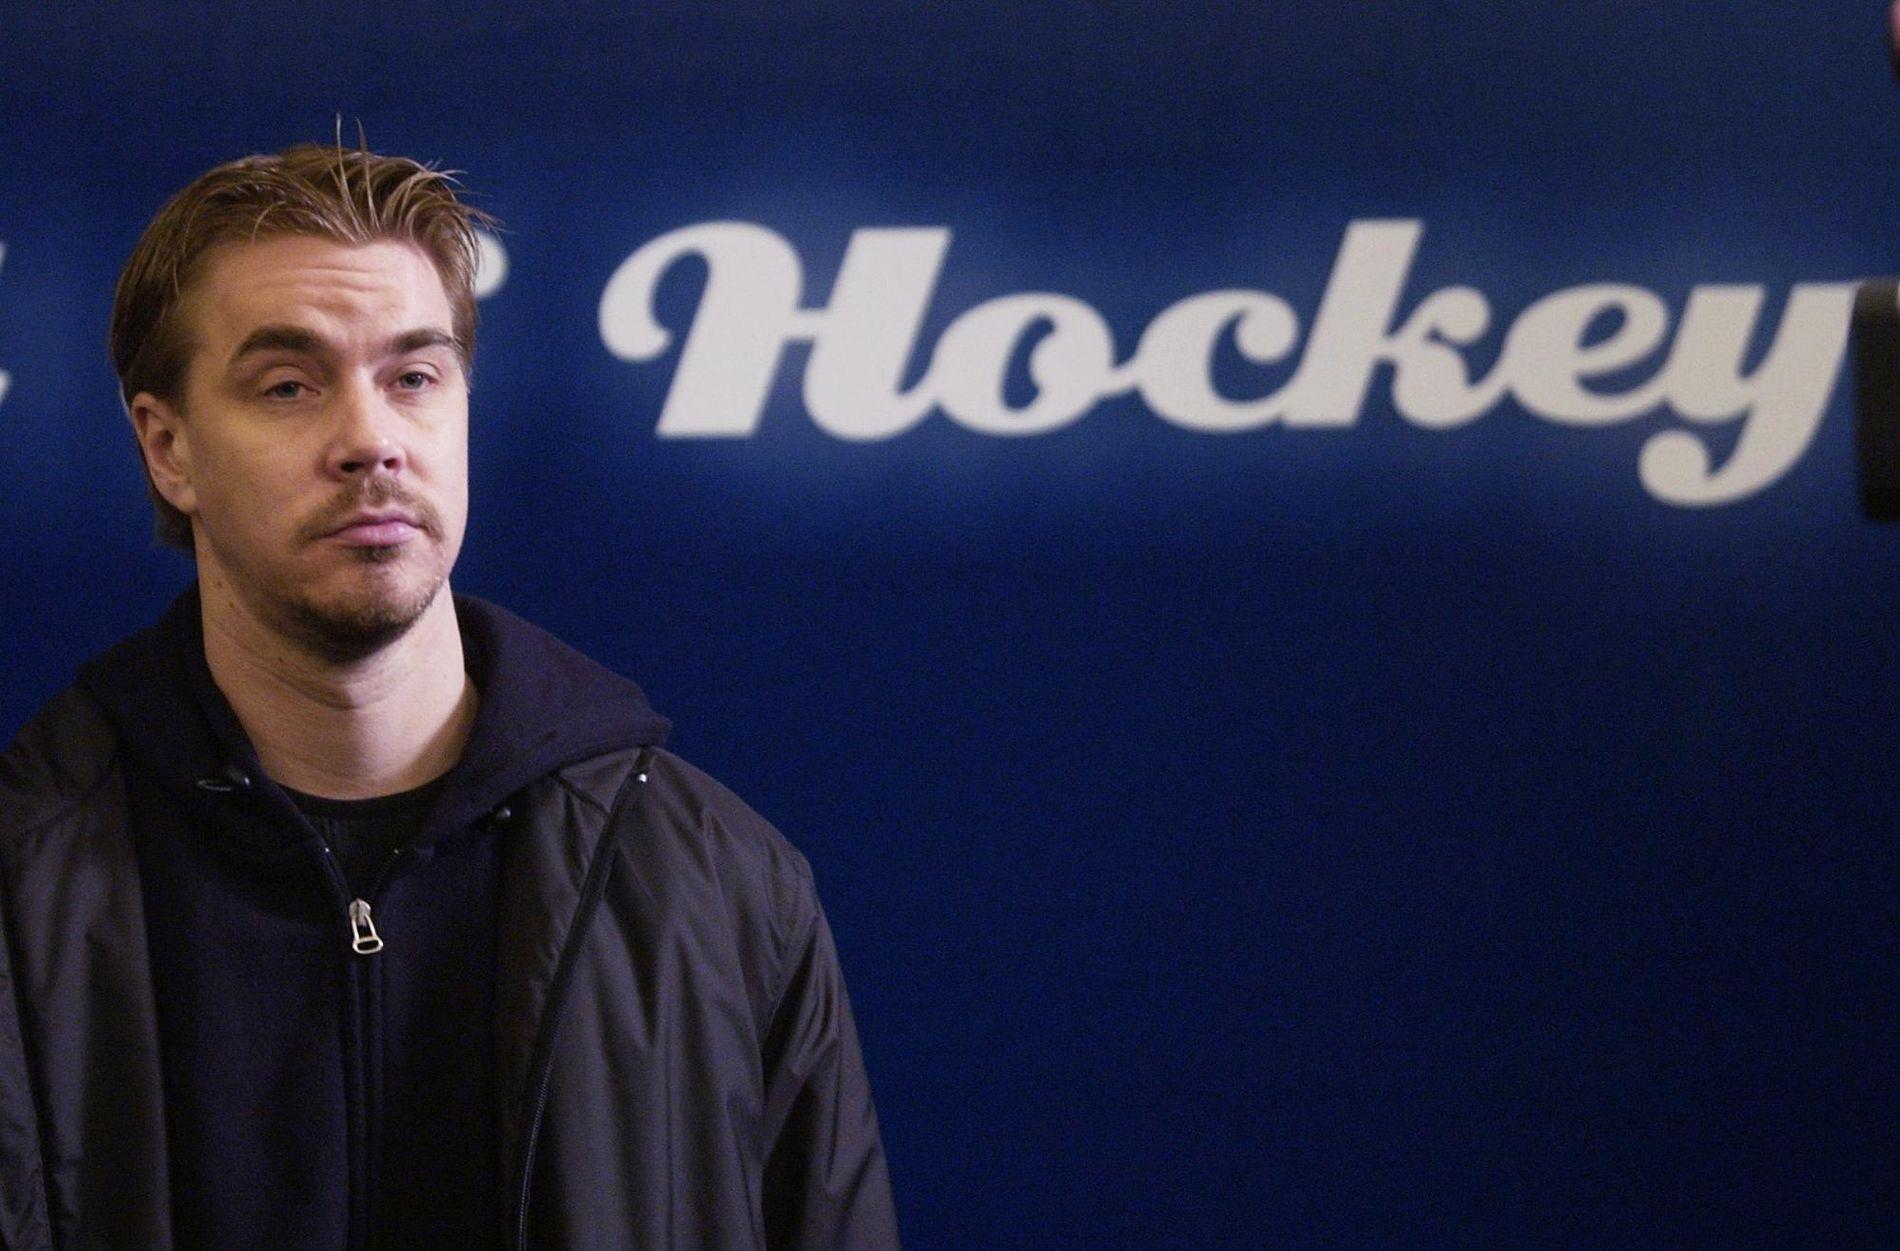 HOCKEYHELT: Tidligere hockeykeeper Tommy Salo forteller åpent om sine depresjoner og psykiske problemer.